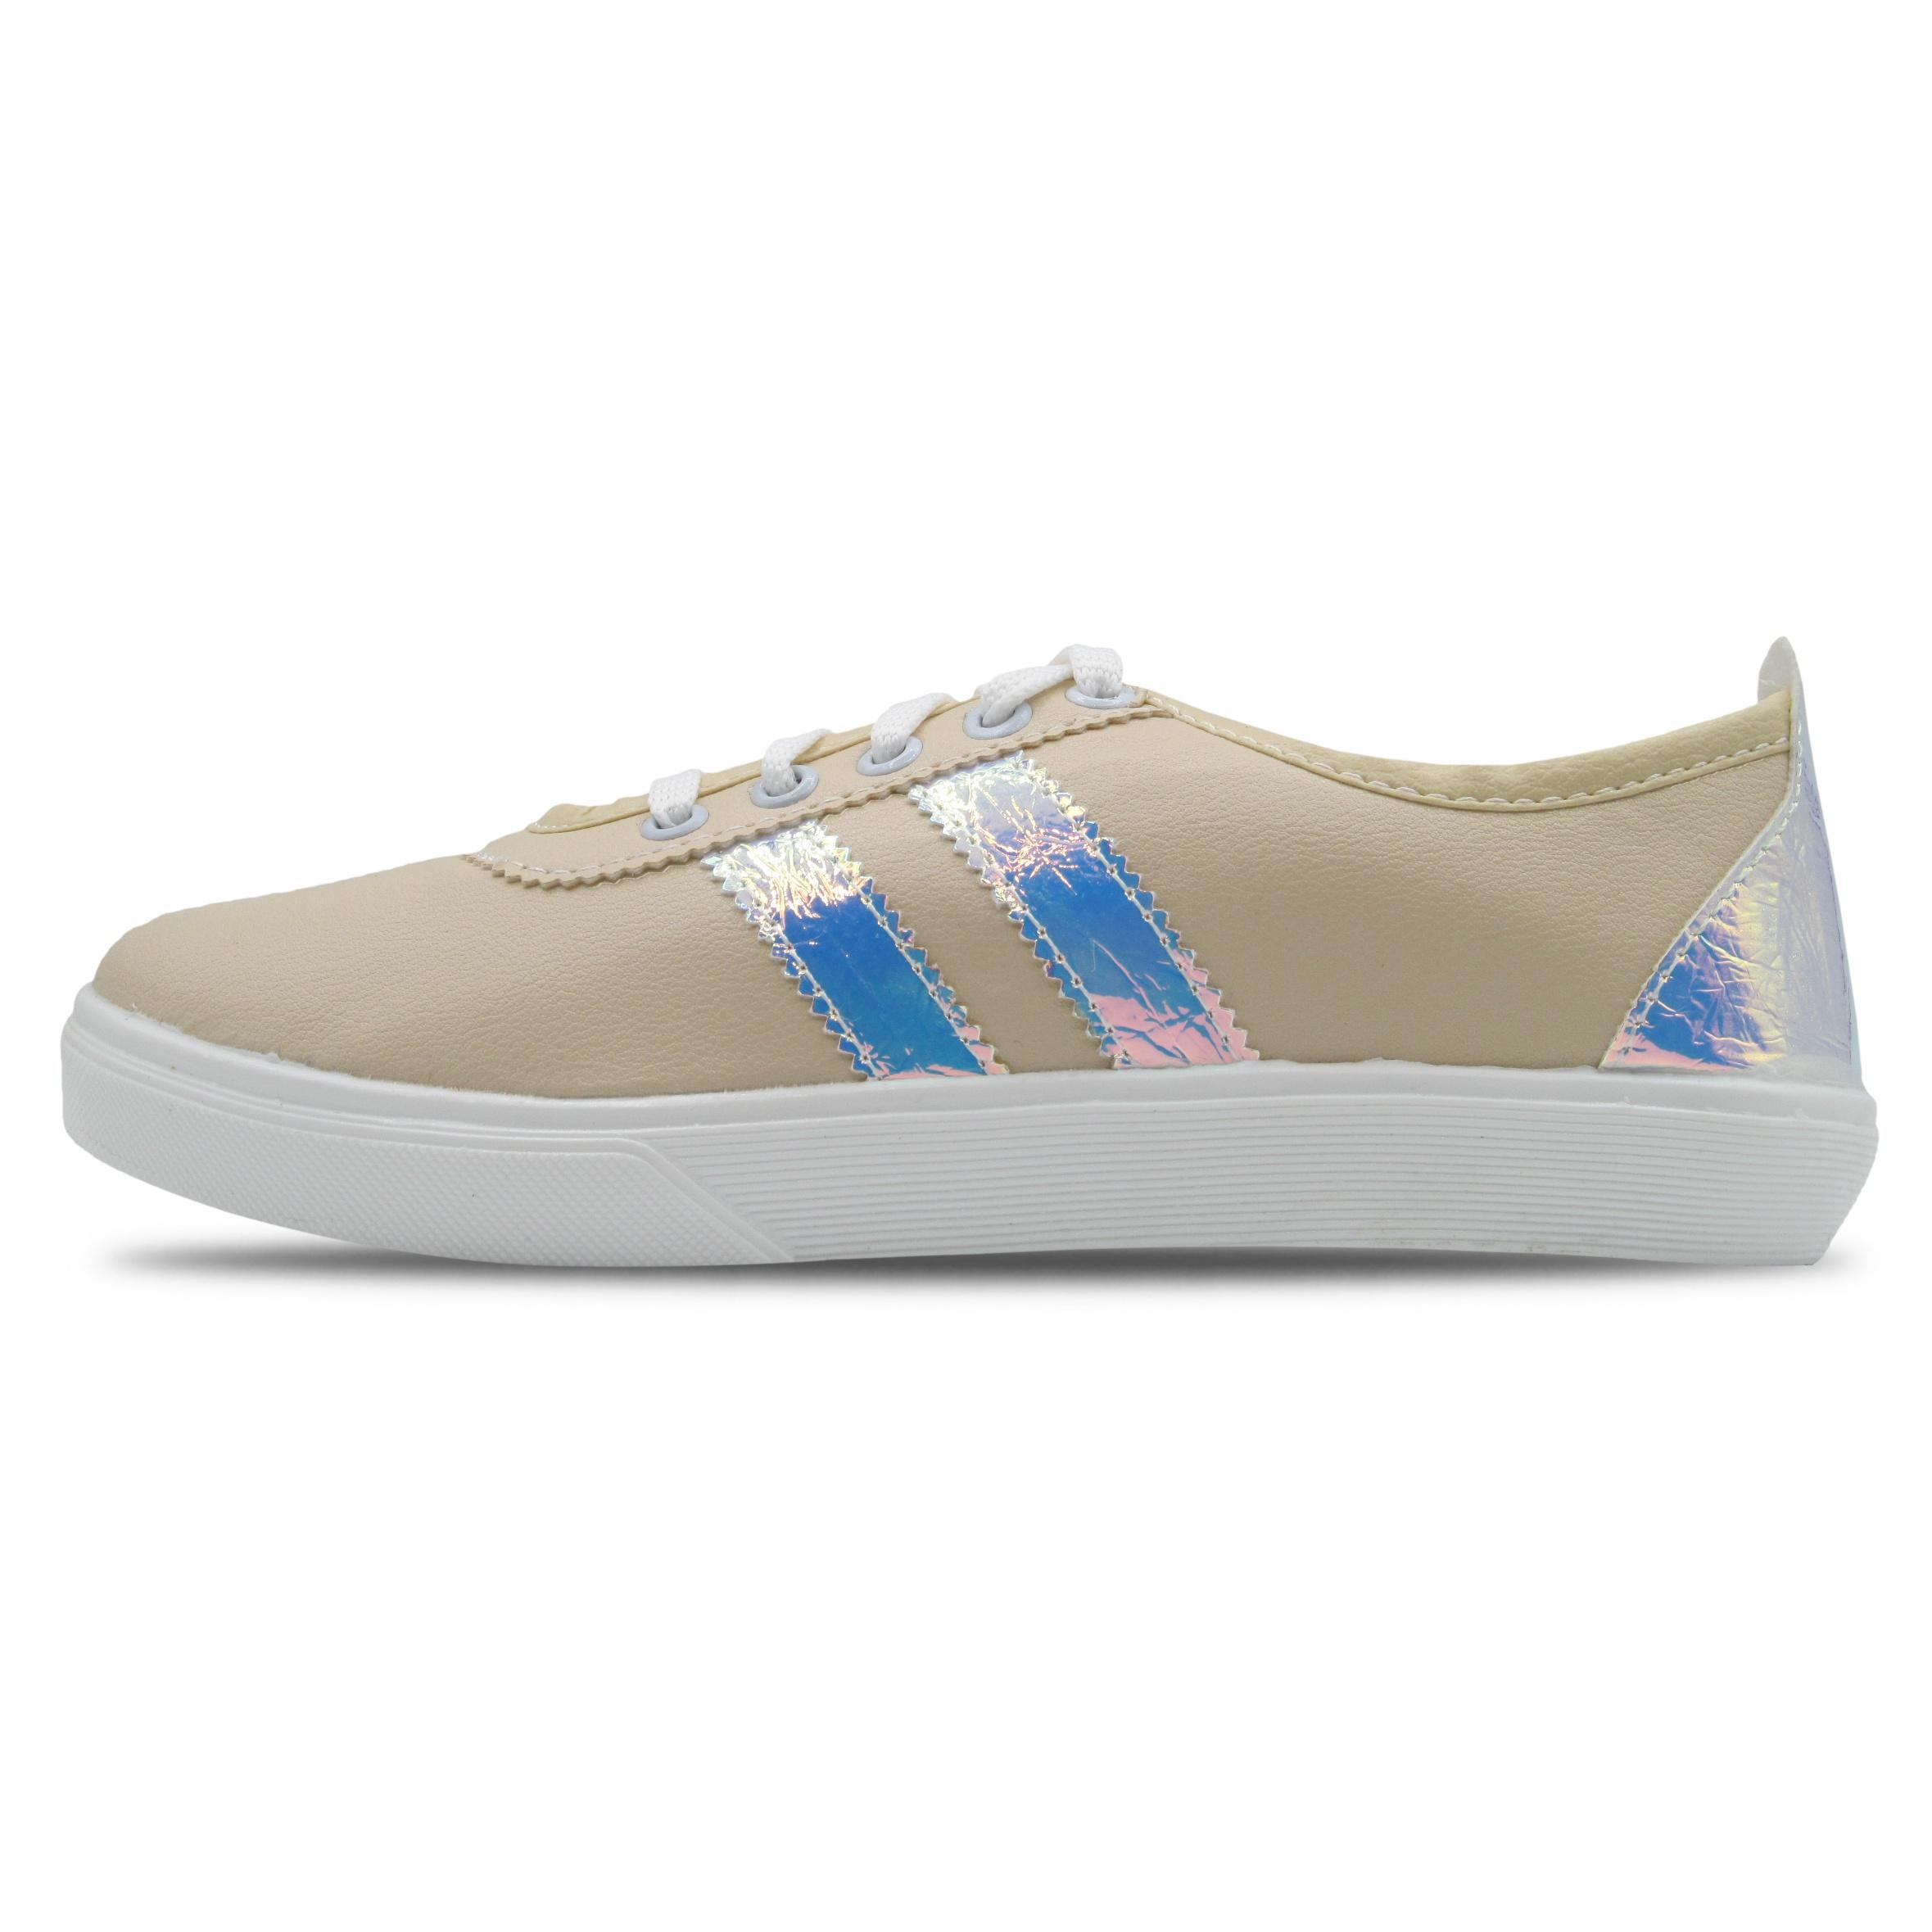 کفش راحتی زنانه کد 1379